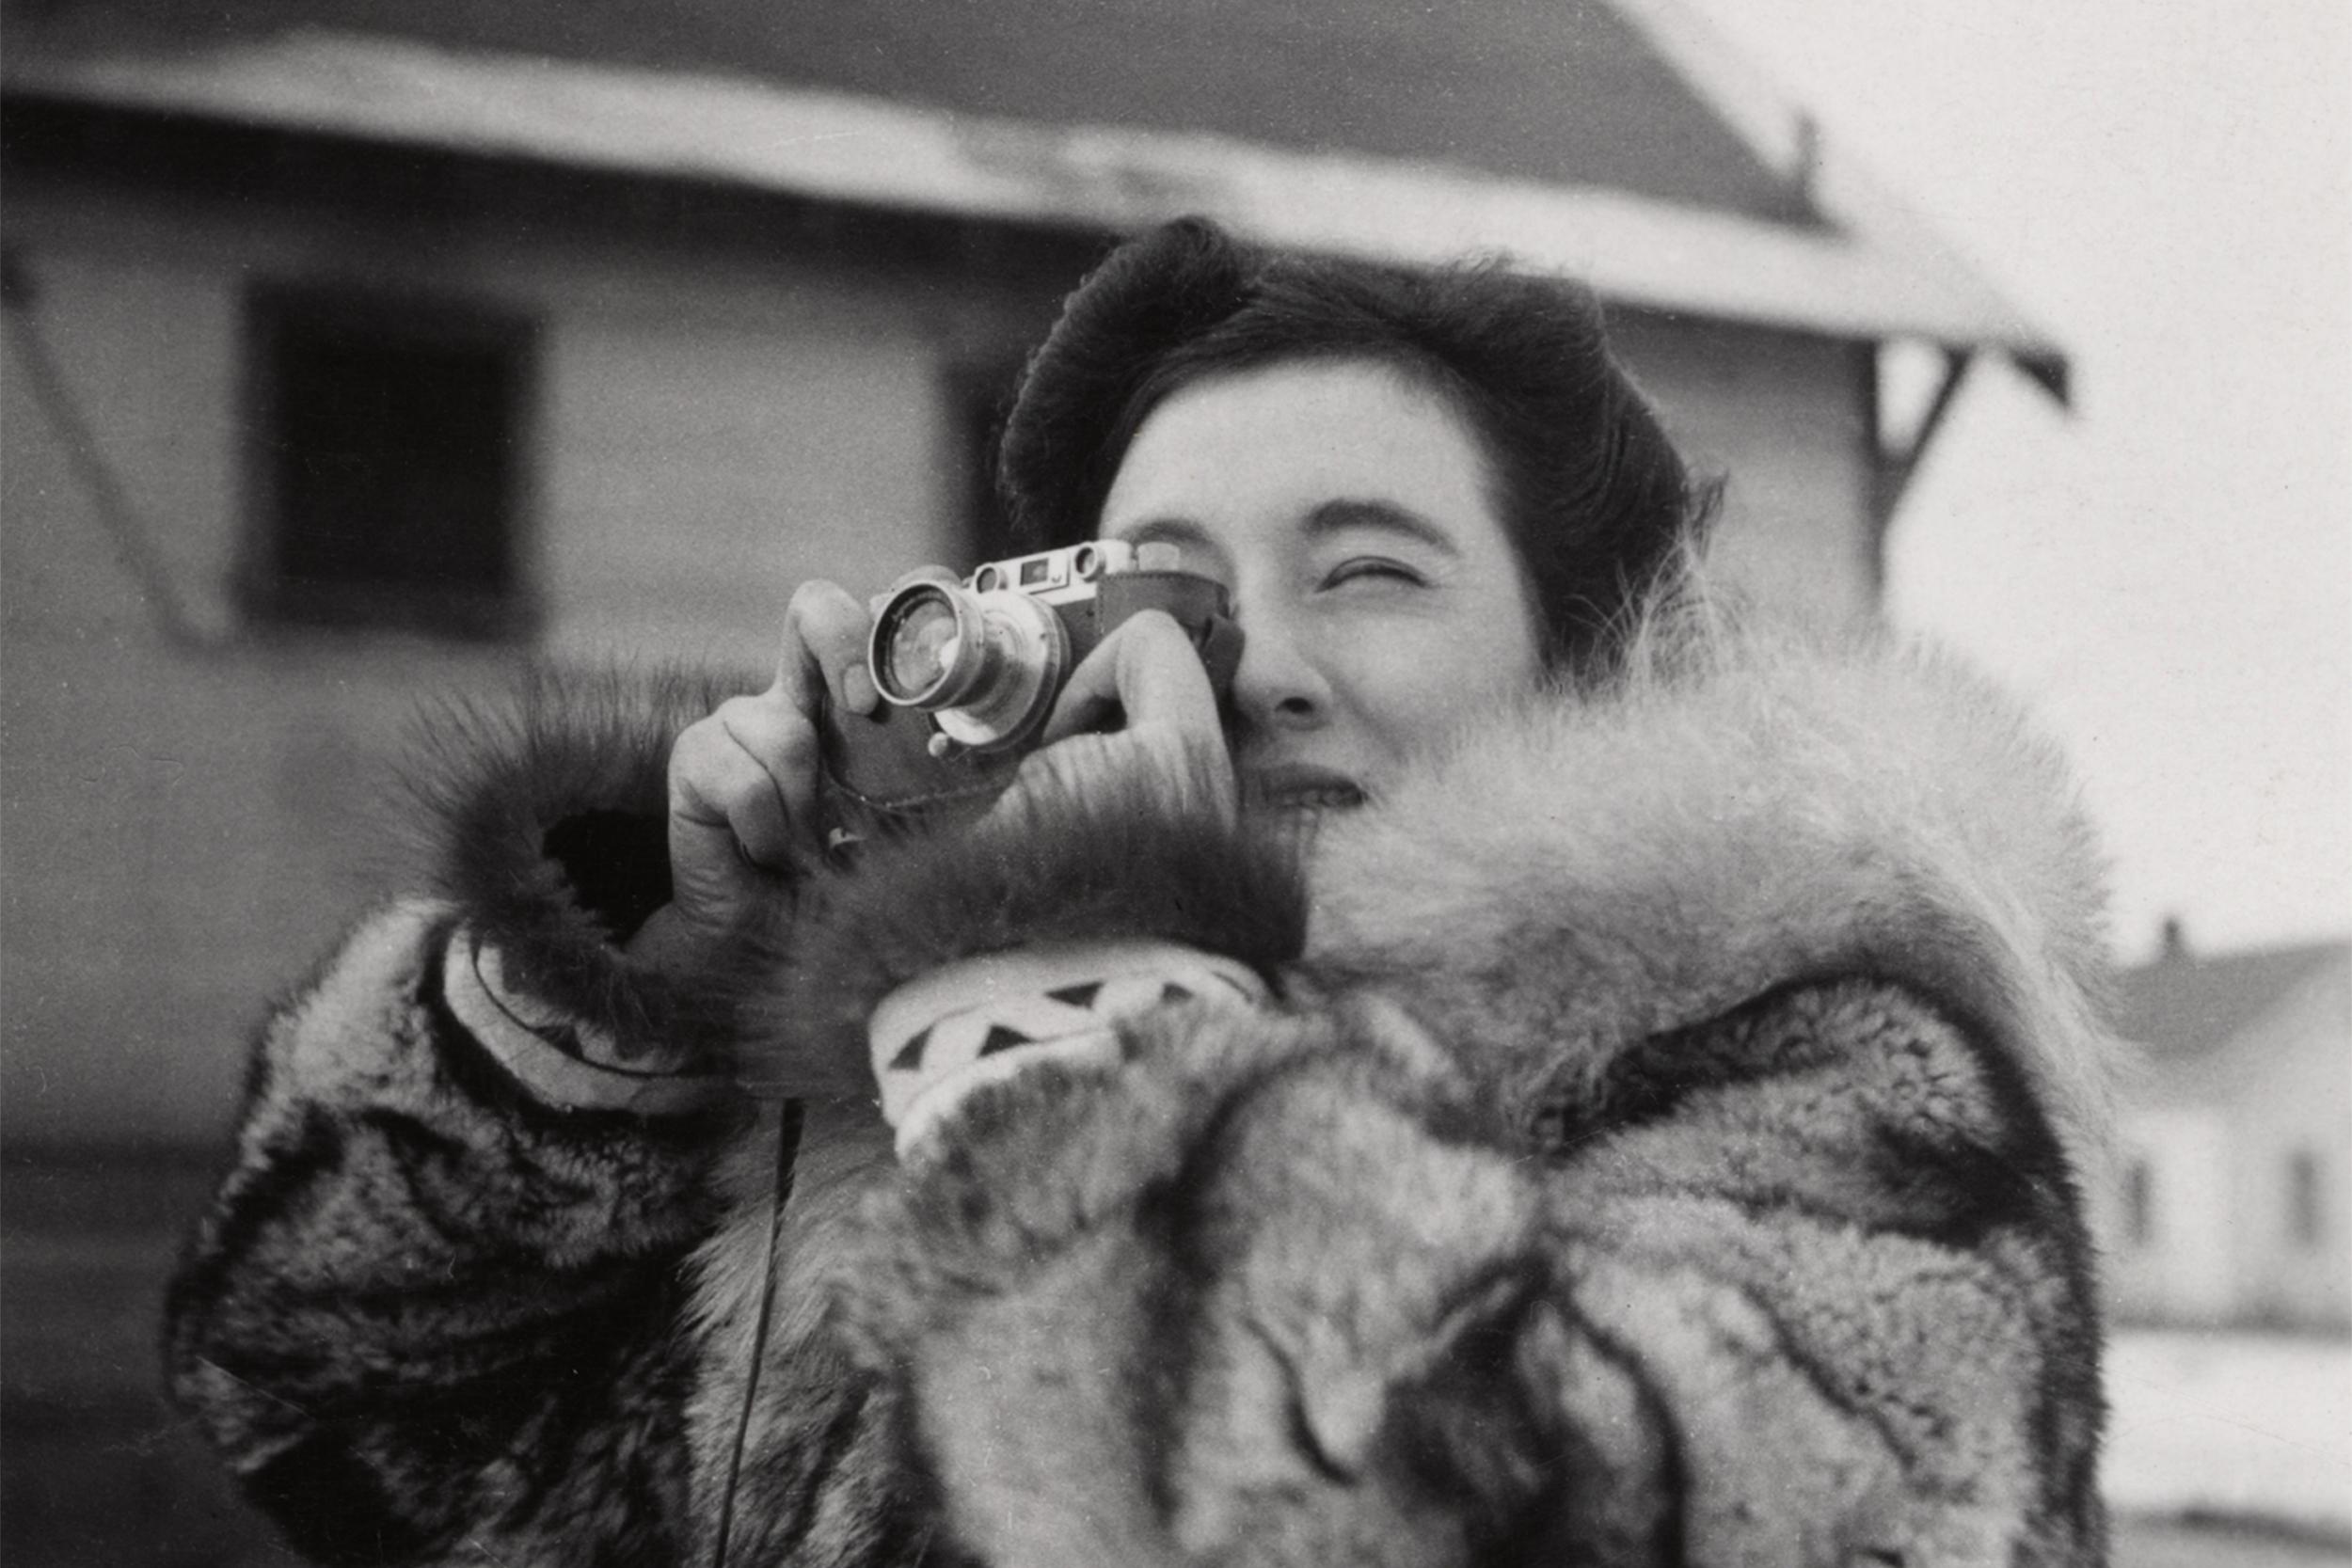 Ruth Gruber † - Journalist, photographer, humanitarian